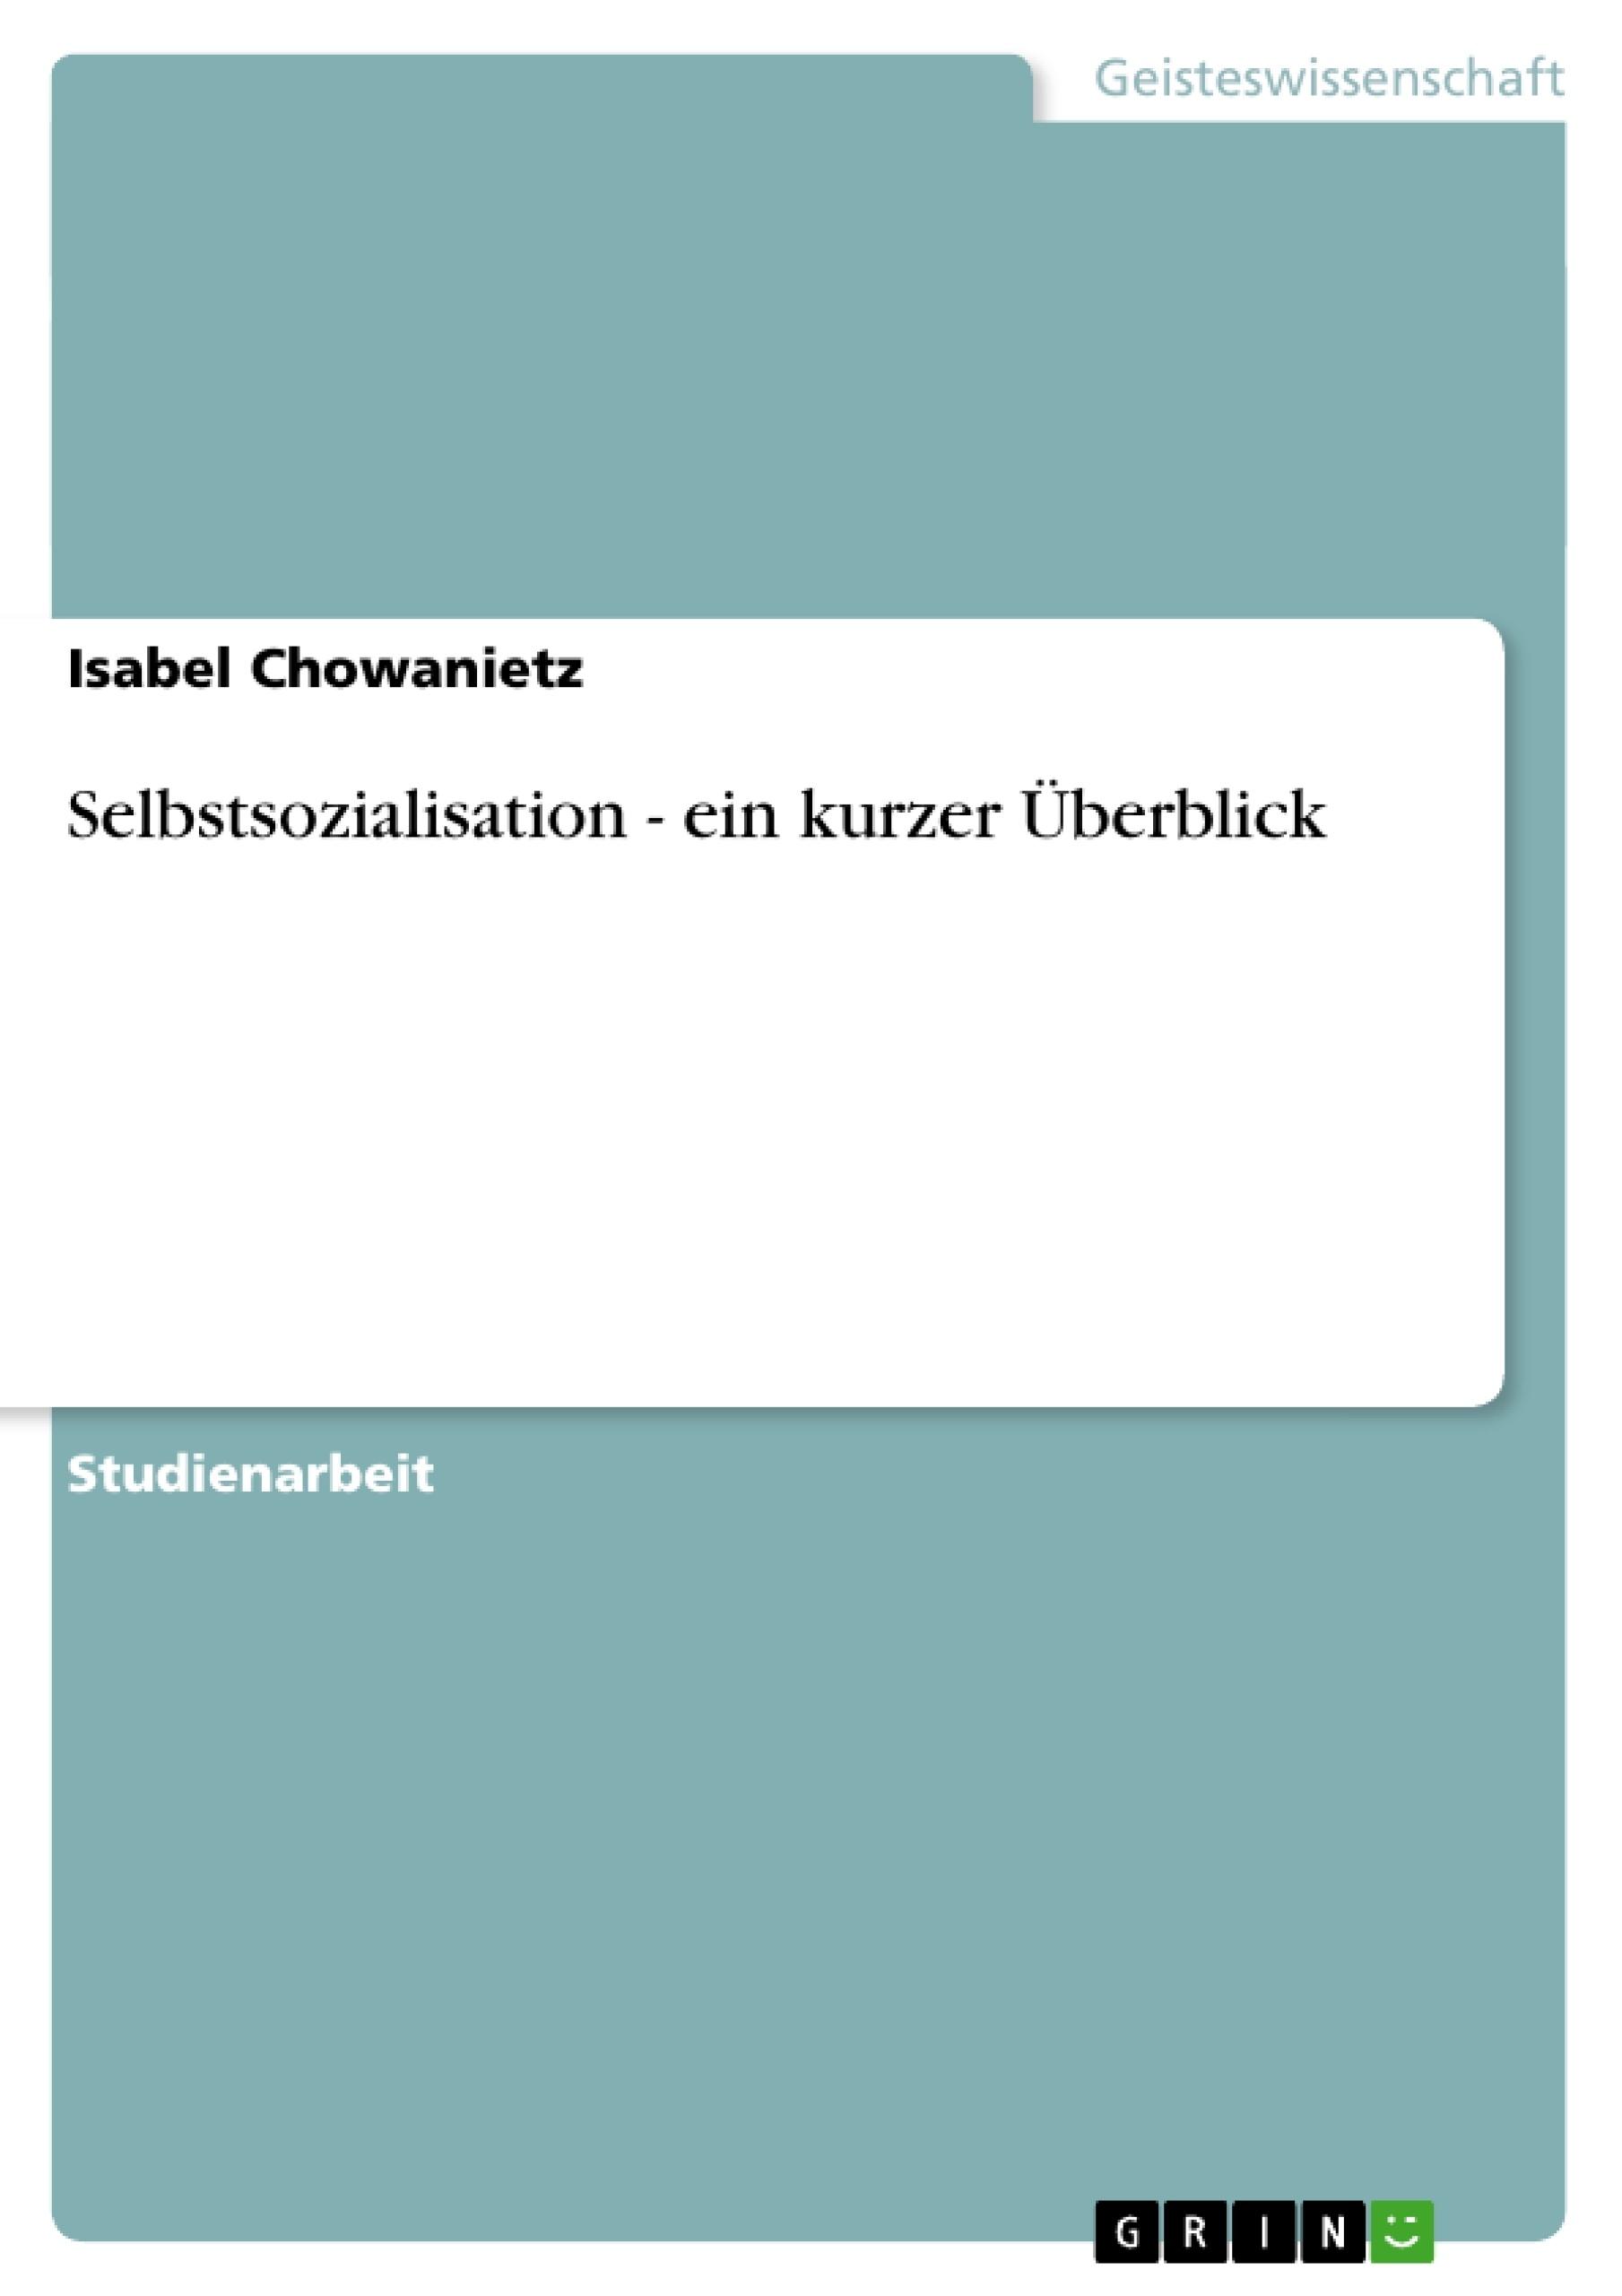 Titel: Selbstsozialisation - ein kurzer Überblick